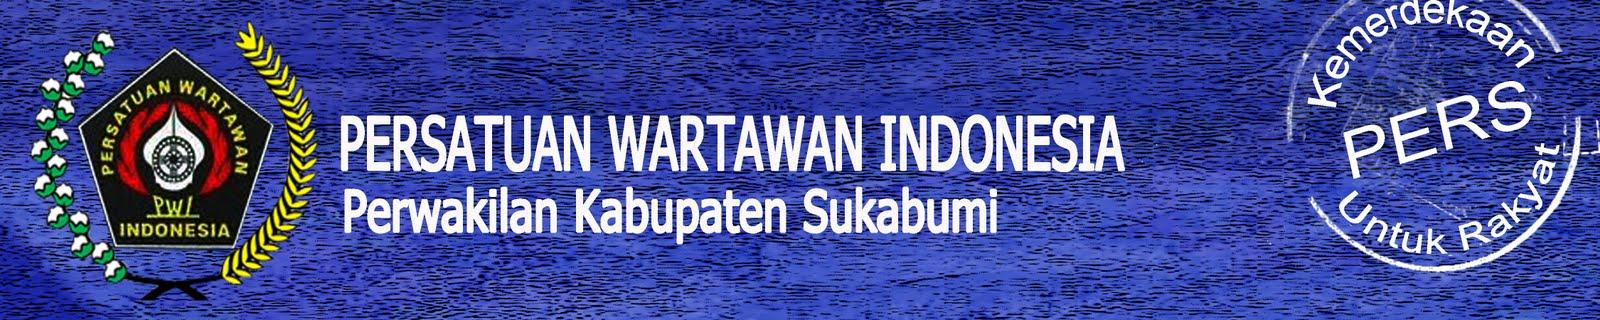 PWI Perwakilan Kab, Sukabumi